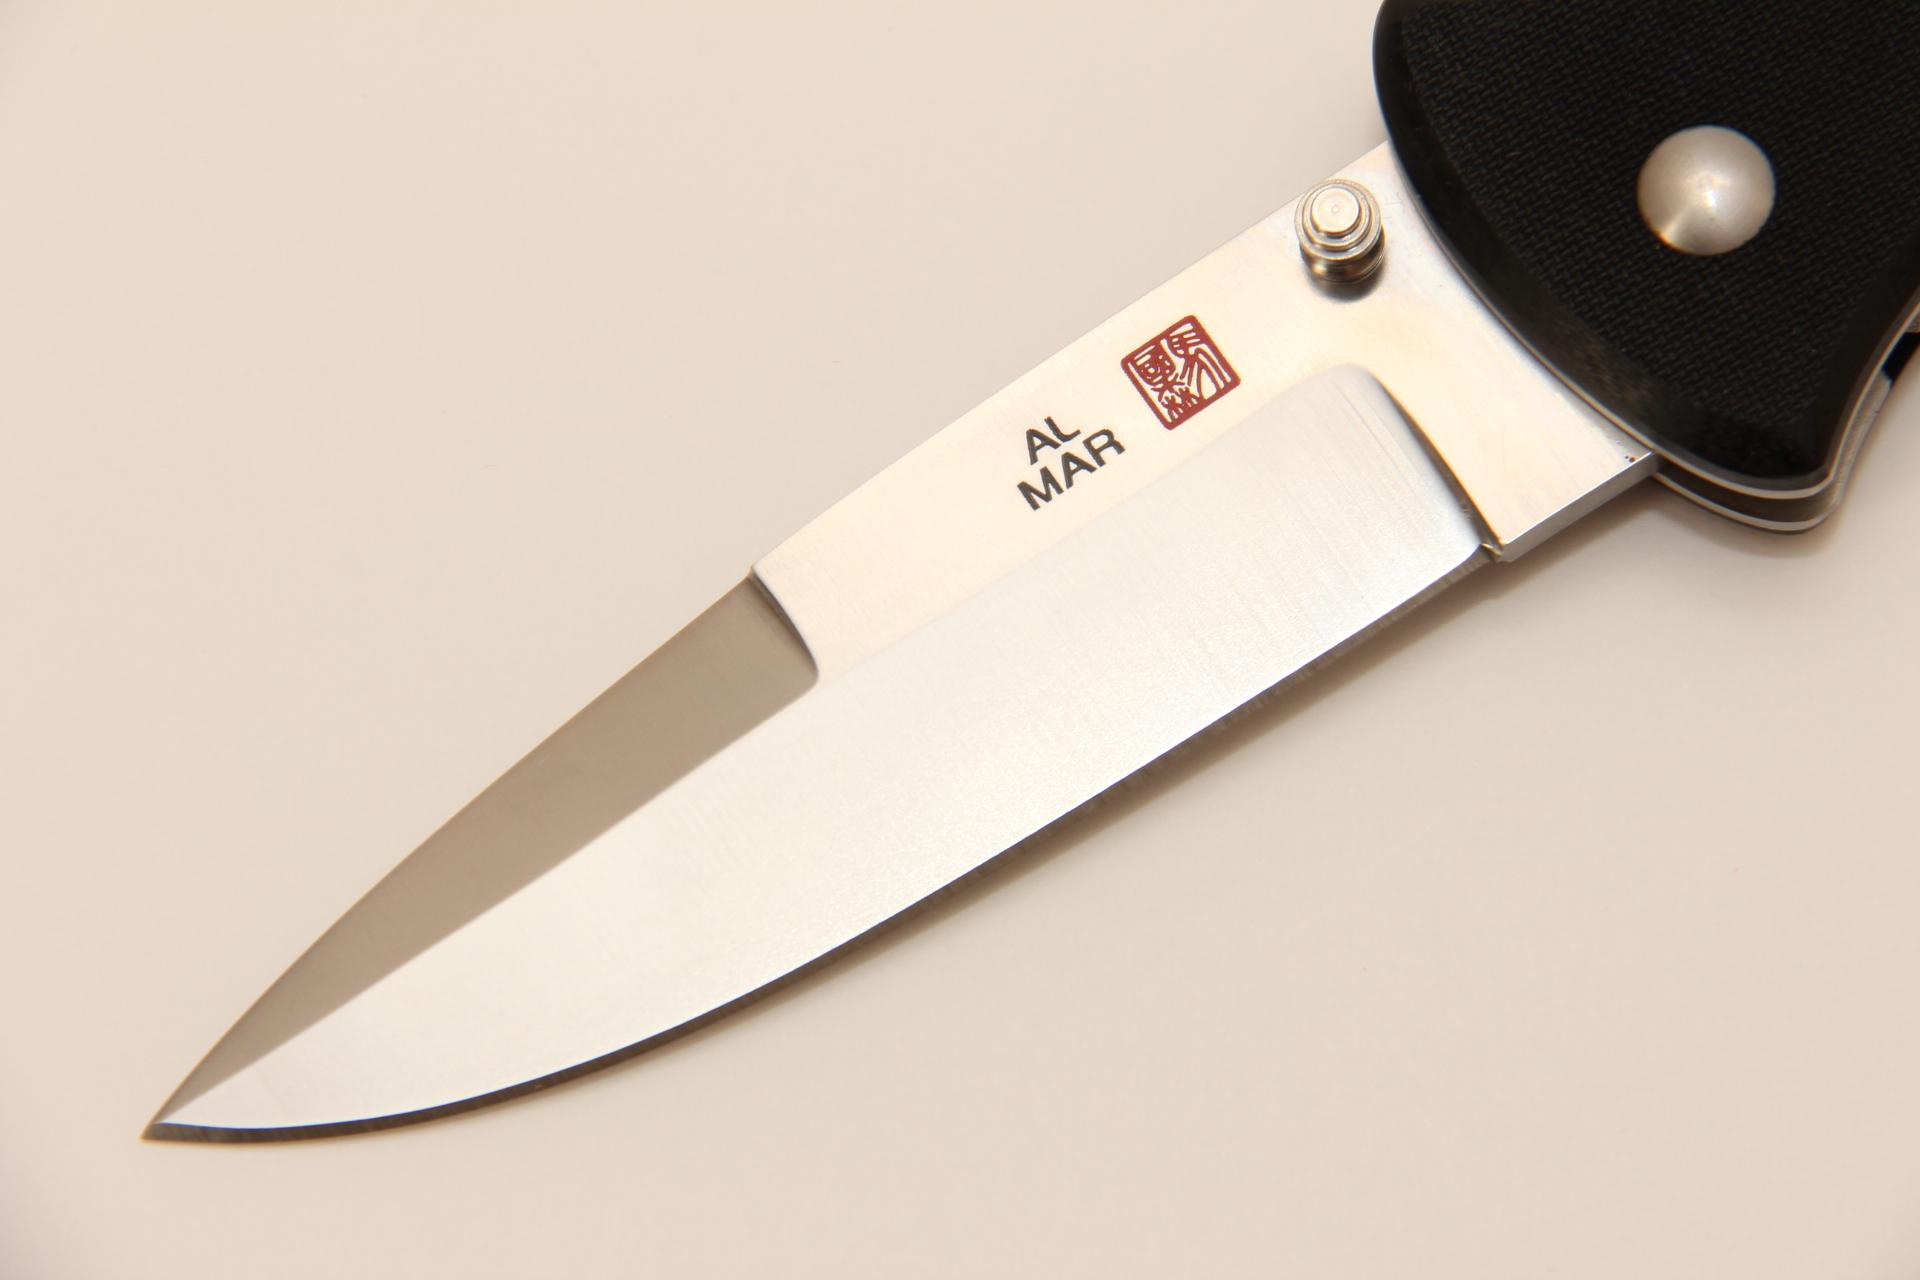 Нож Al Mar AMS2K